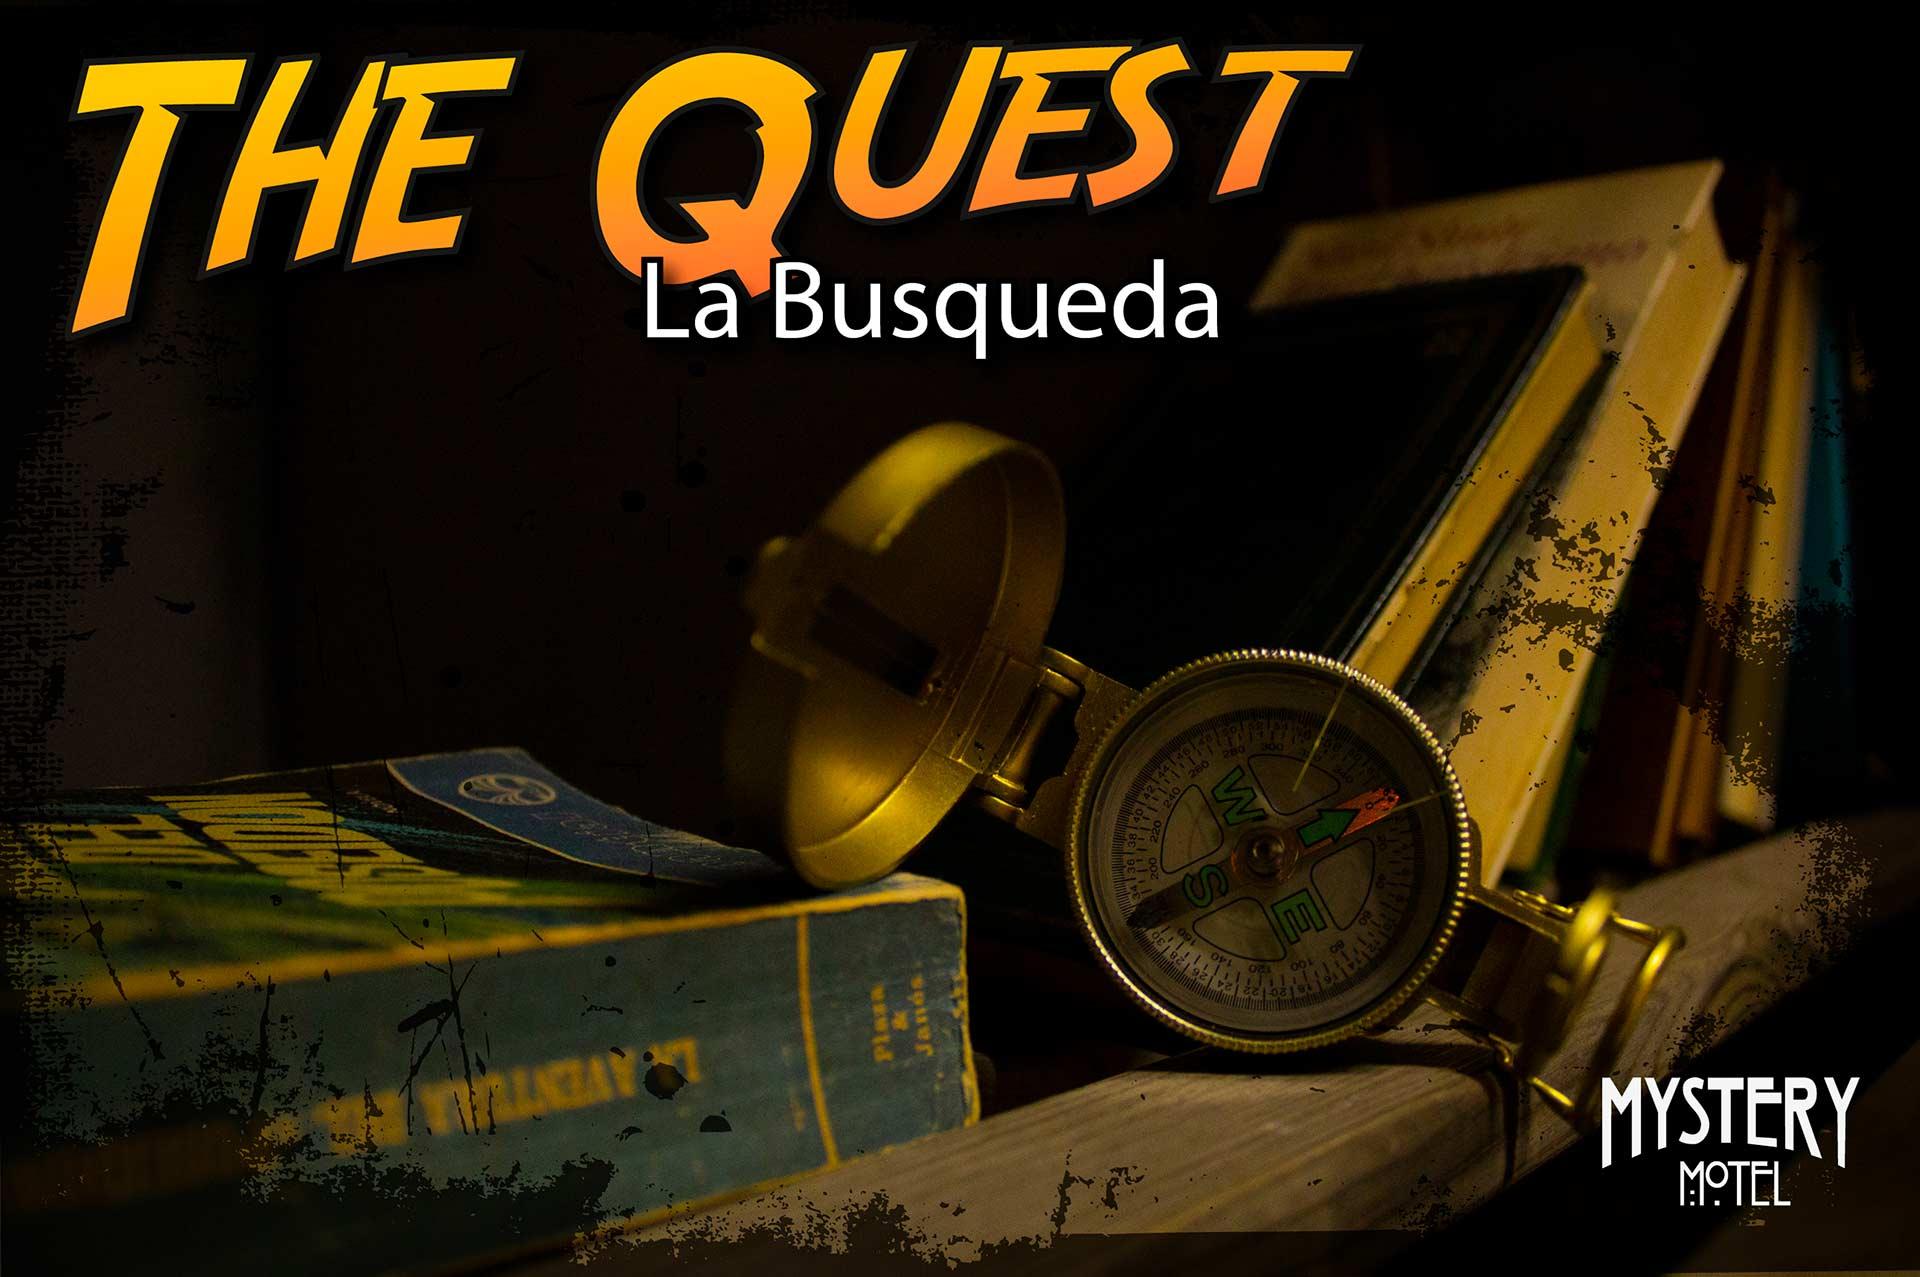 The-Quest-juego-escape